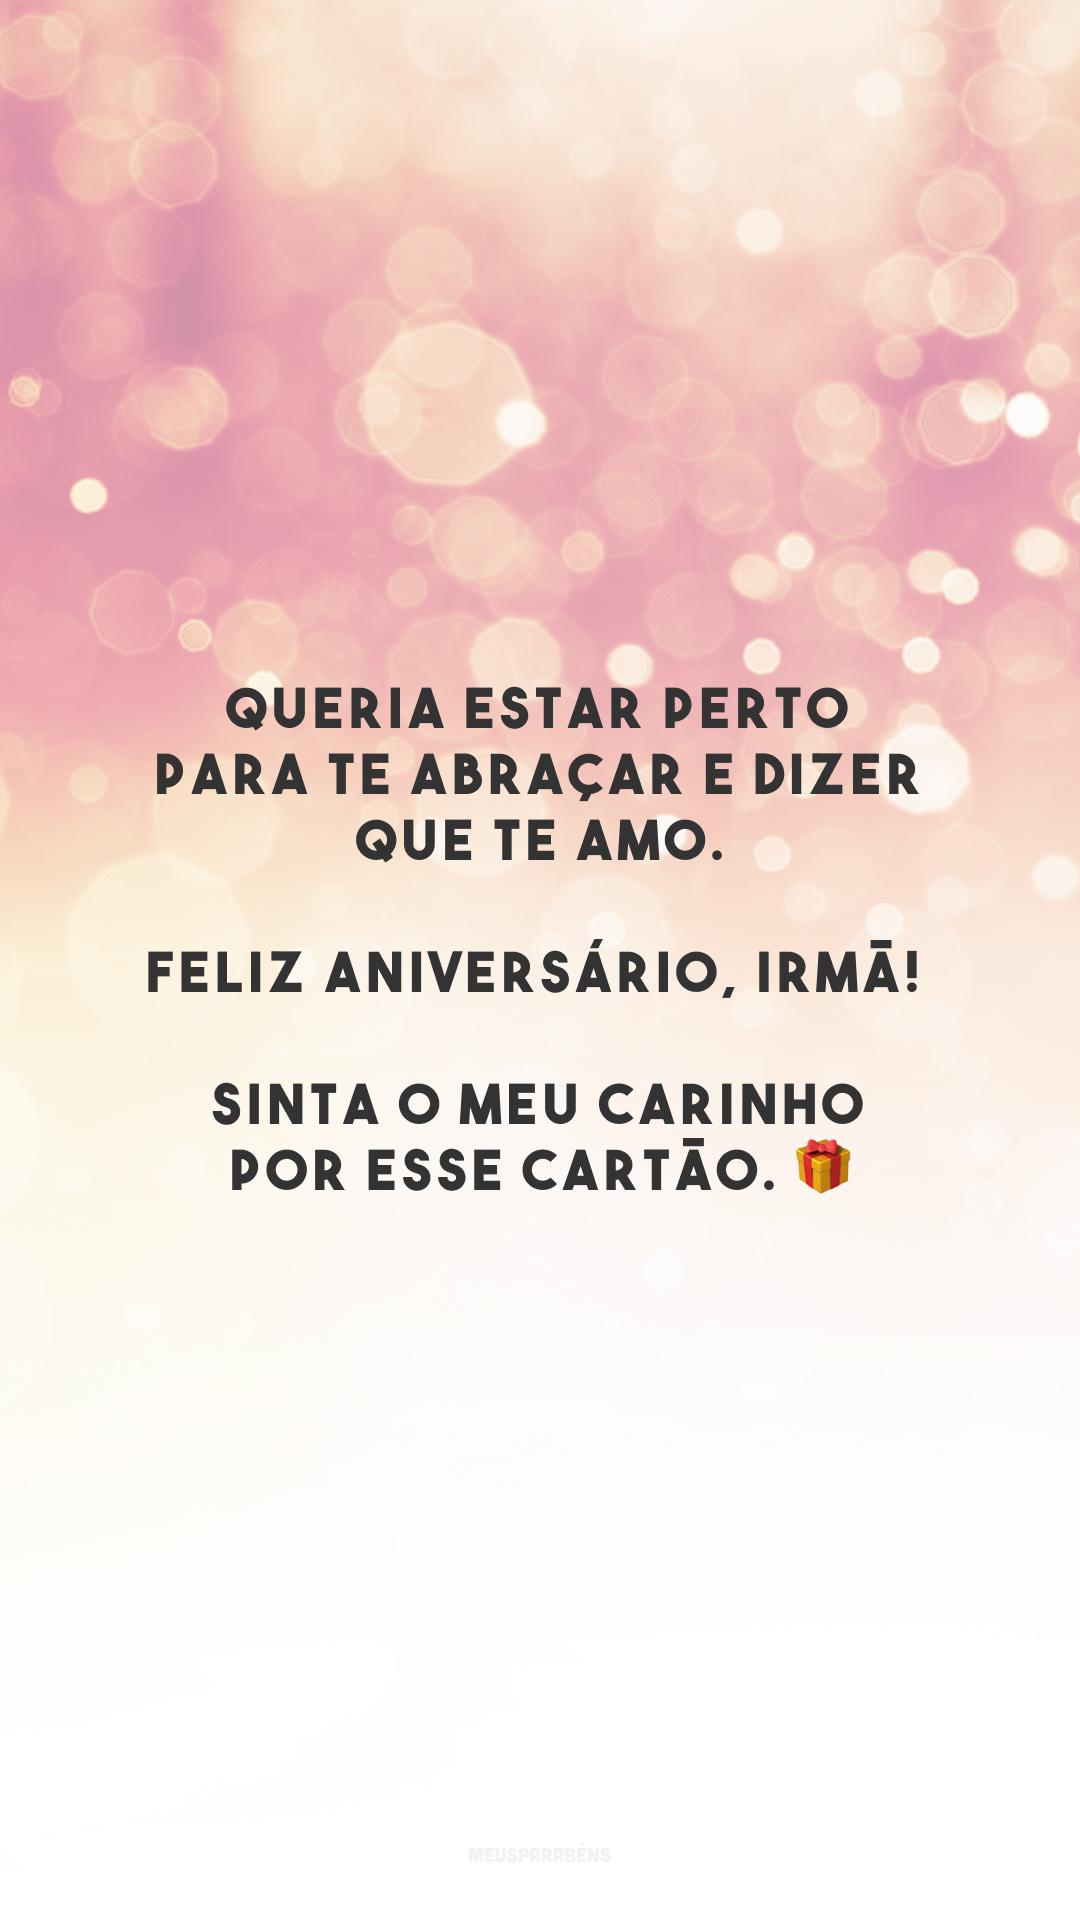 Queria estar perto para te abraçar e dizer que te amo. Feliz aniversário, irmã! Sinta o meu carinho por esse cartão. 🎁